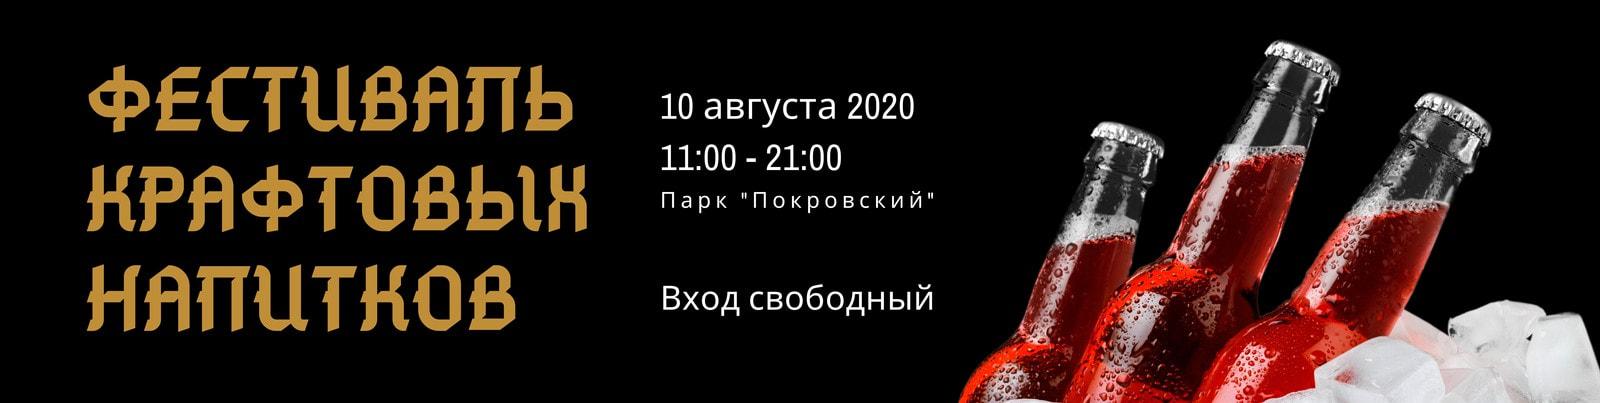 Черная обложка группы ВК с бутылками красного напитка